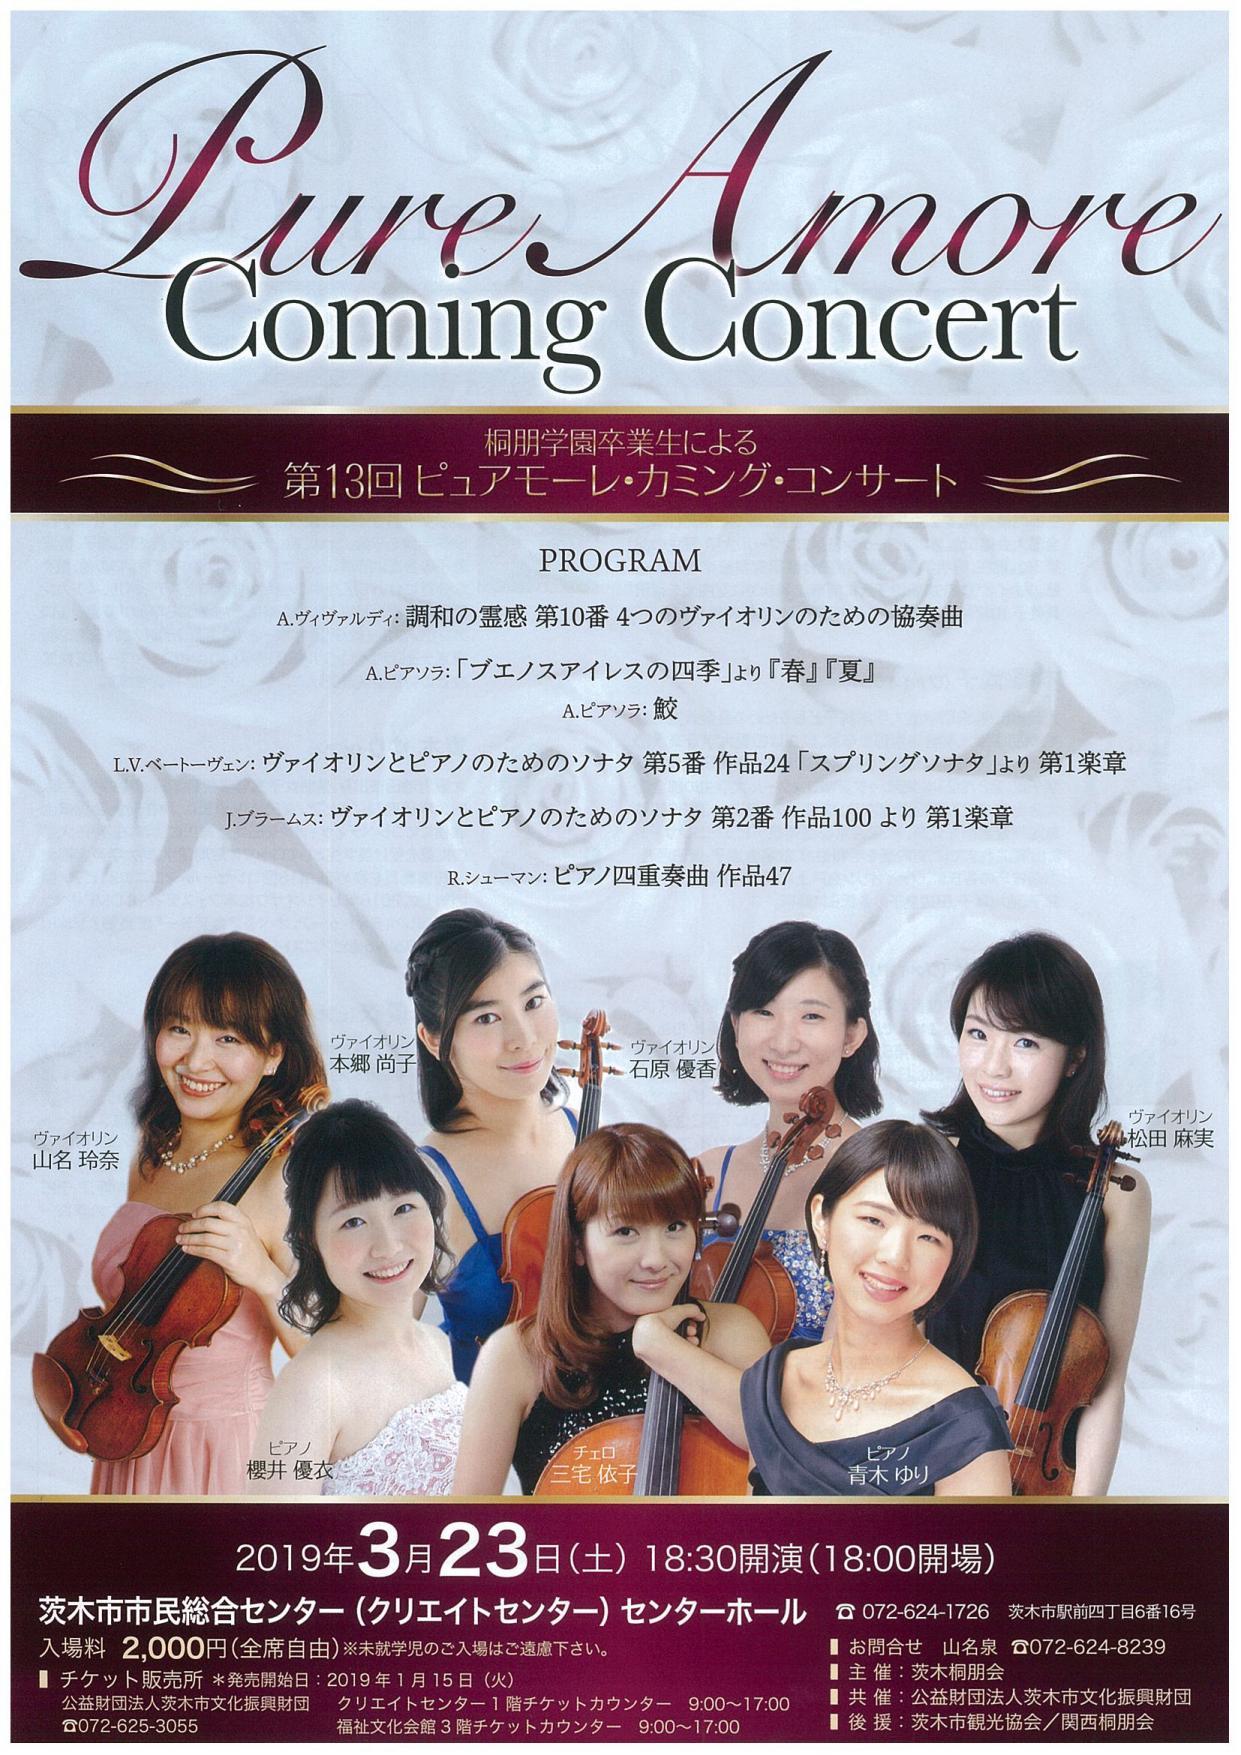 第13回ピュアモーレ ・カミング・コンサート